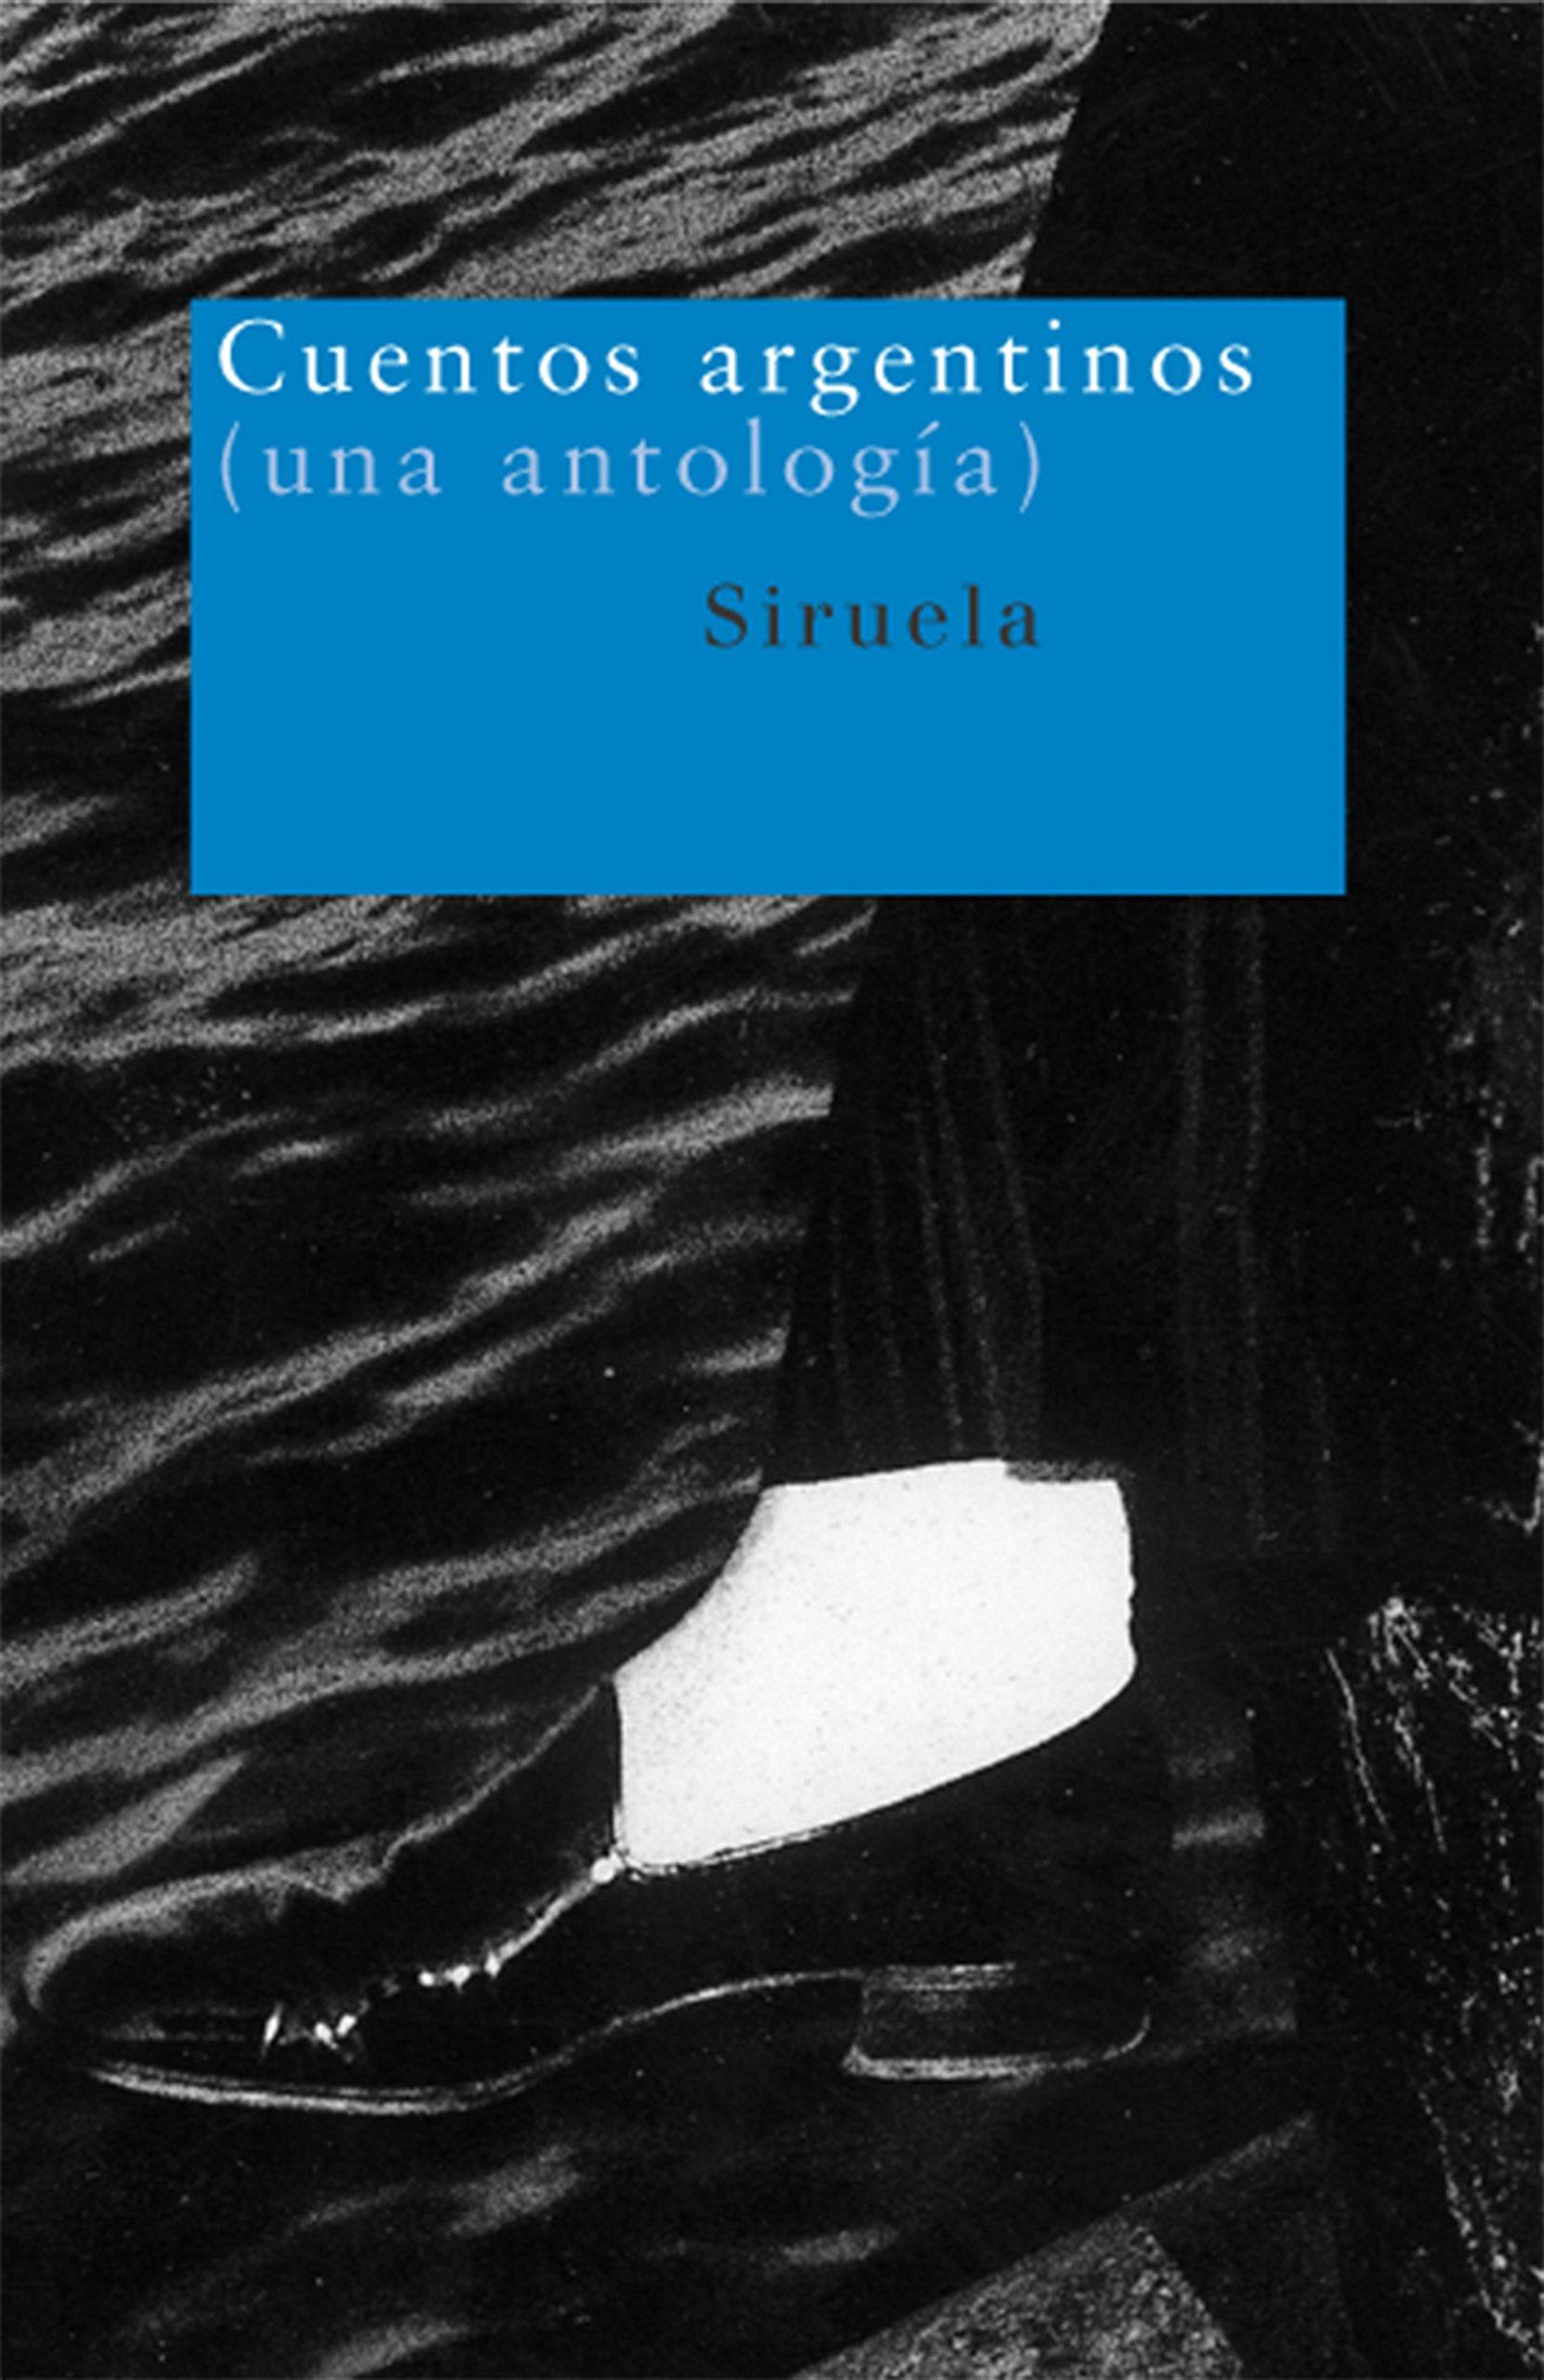 Cuentos argentinos: (una antología) (Nuevos Tiempos): Amazon.es: Rodrigo Fresán, Roberto Fontanarrosa, Eduardo Berti, Liliana Heker, Paola Kaufmann, ...